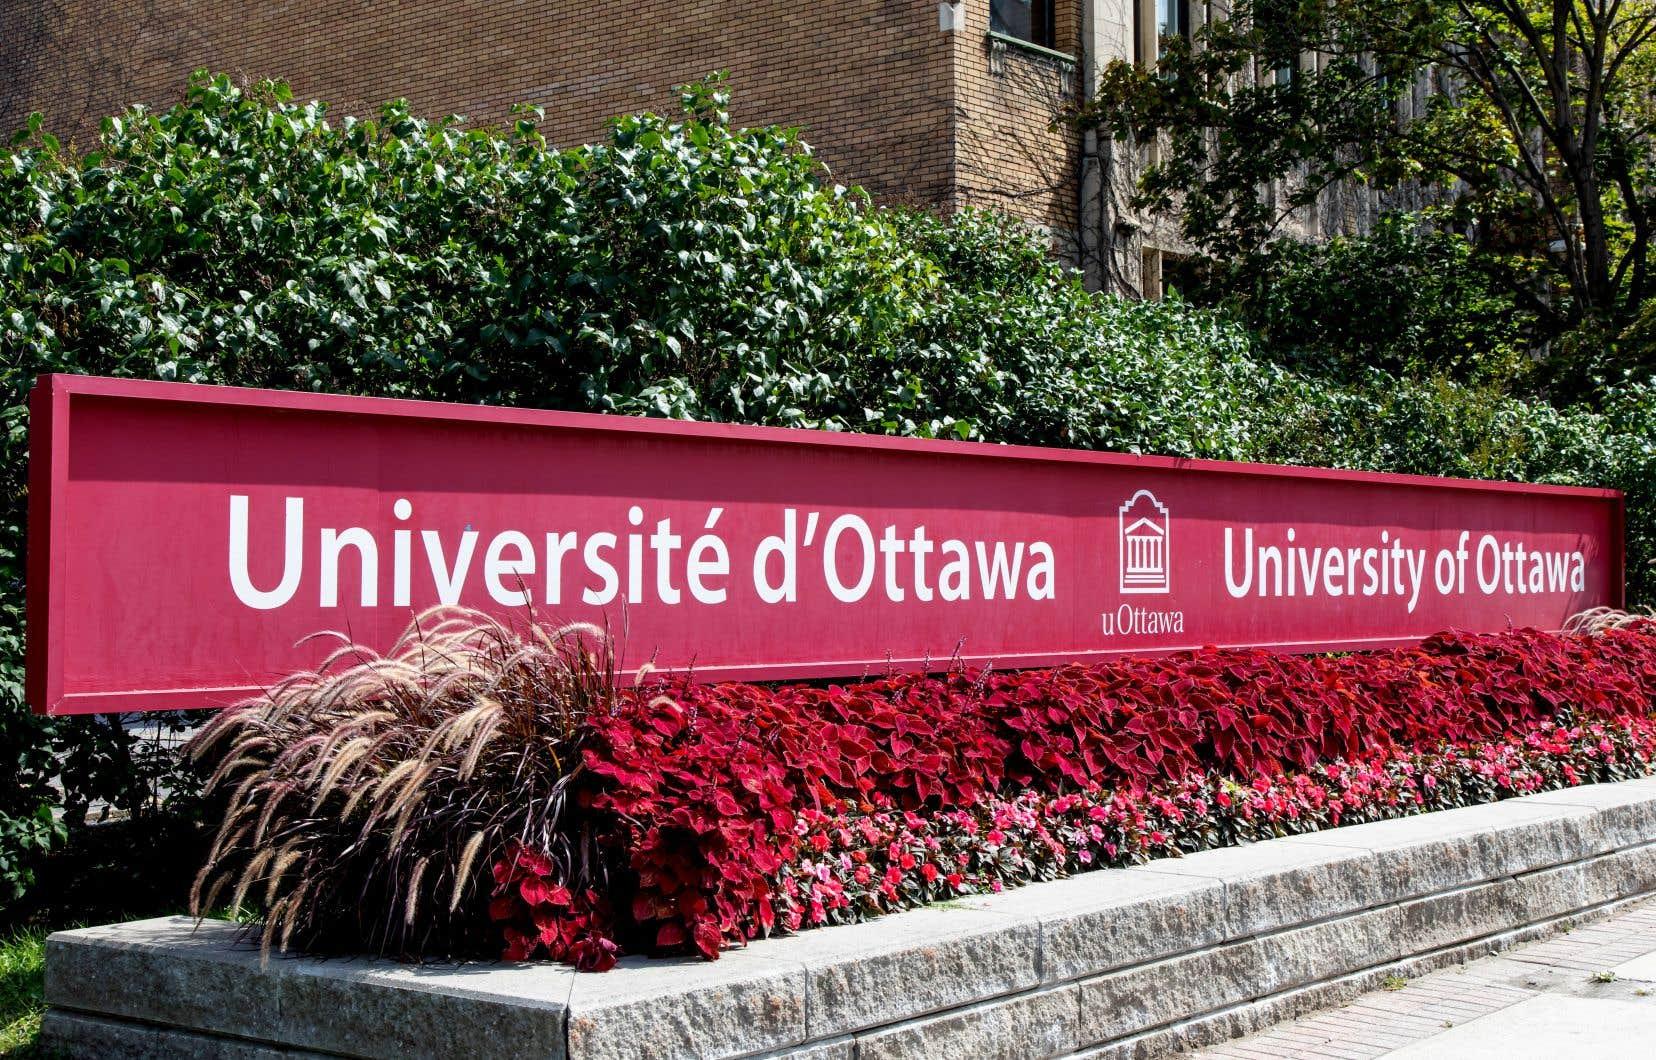 «La solidarité envers notre collègue de l'Université d'Ottawa se veut garante de l'estime envers nous-mêmes», pensent les signataires.